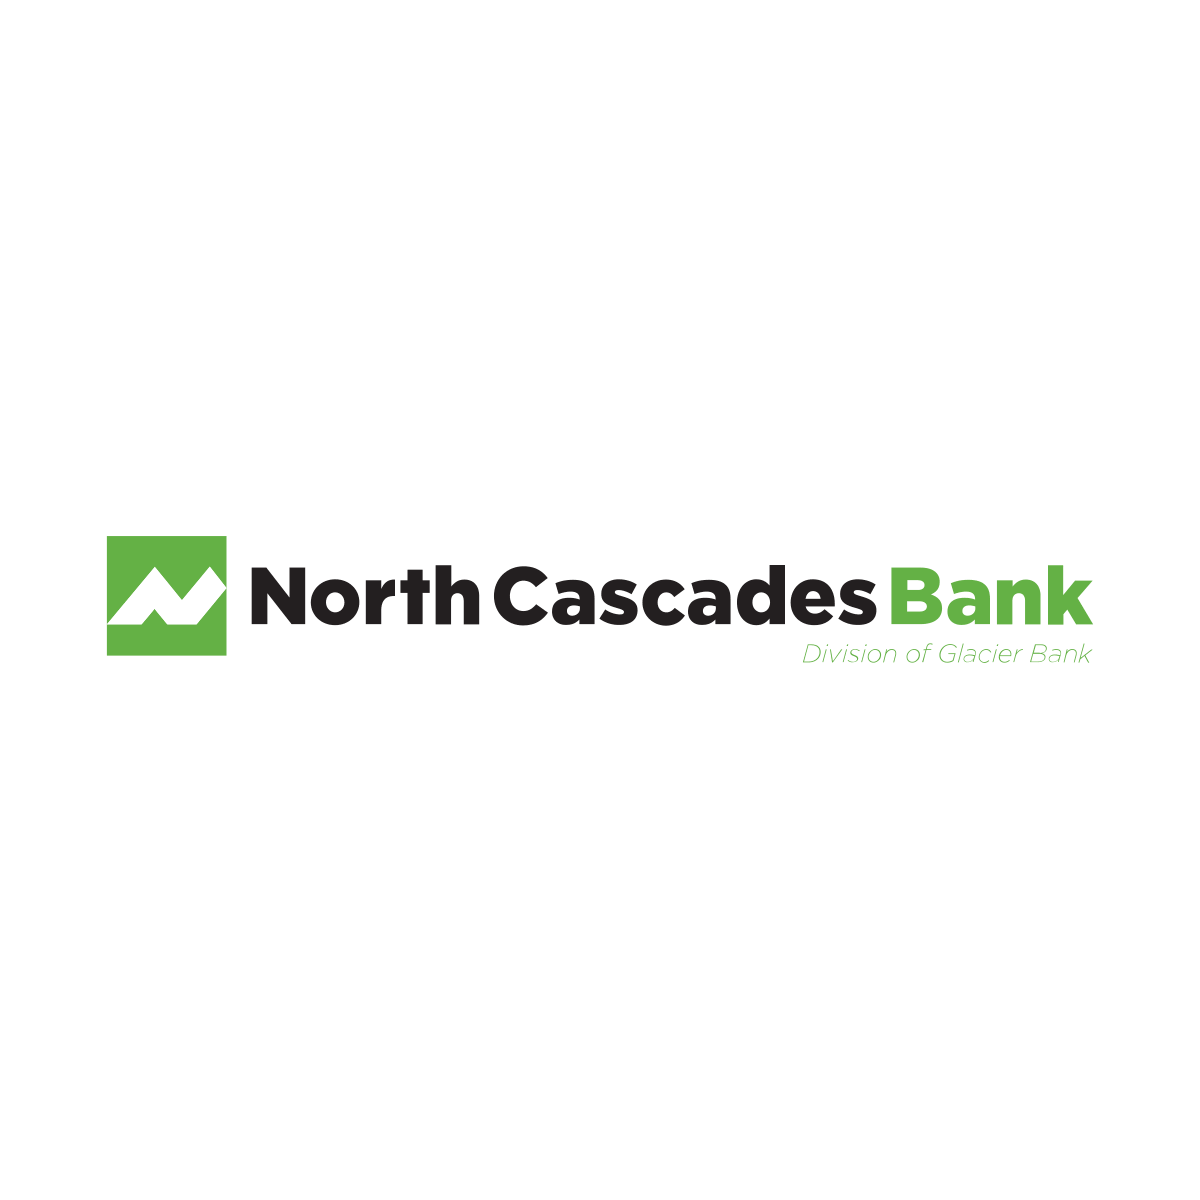 North Cascades Bank logo